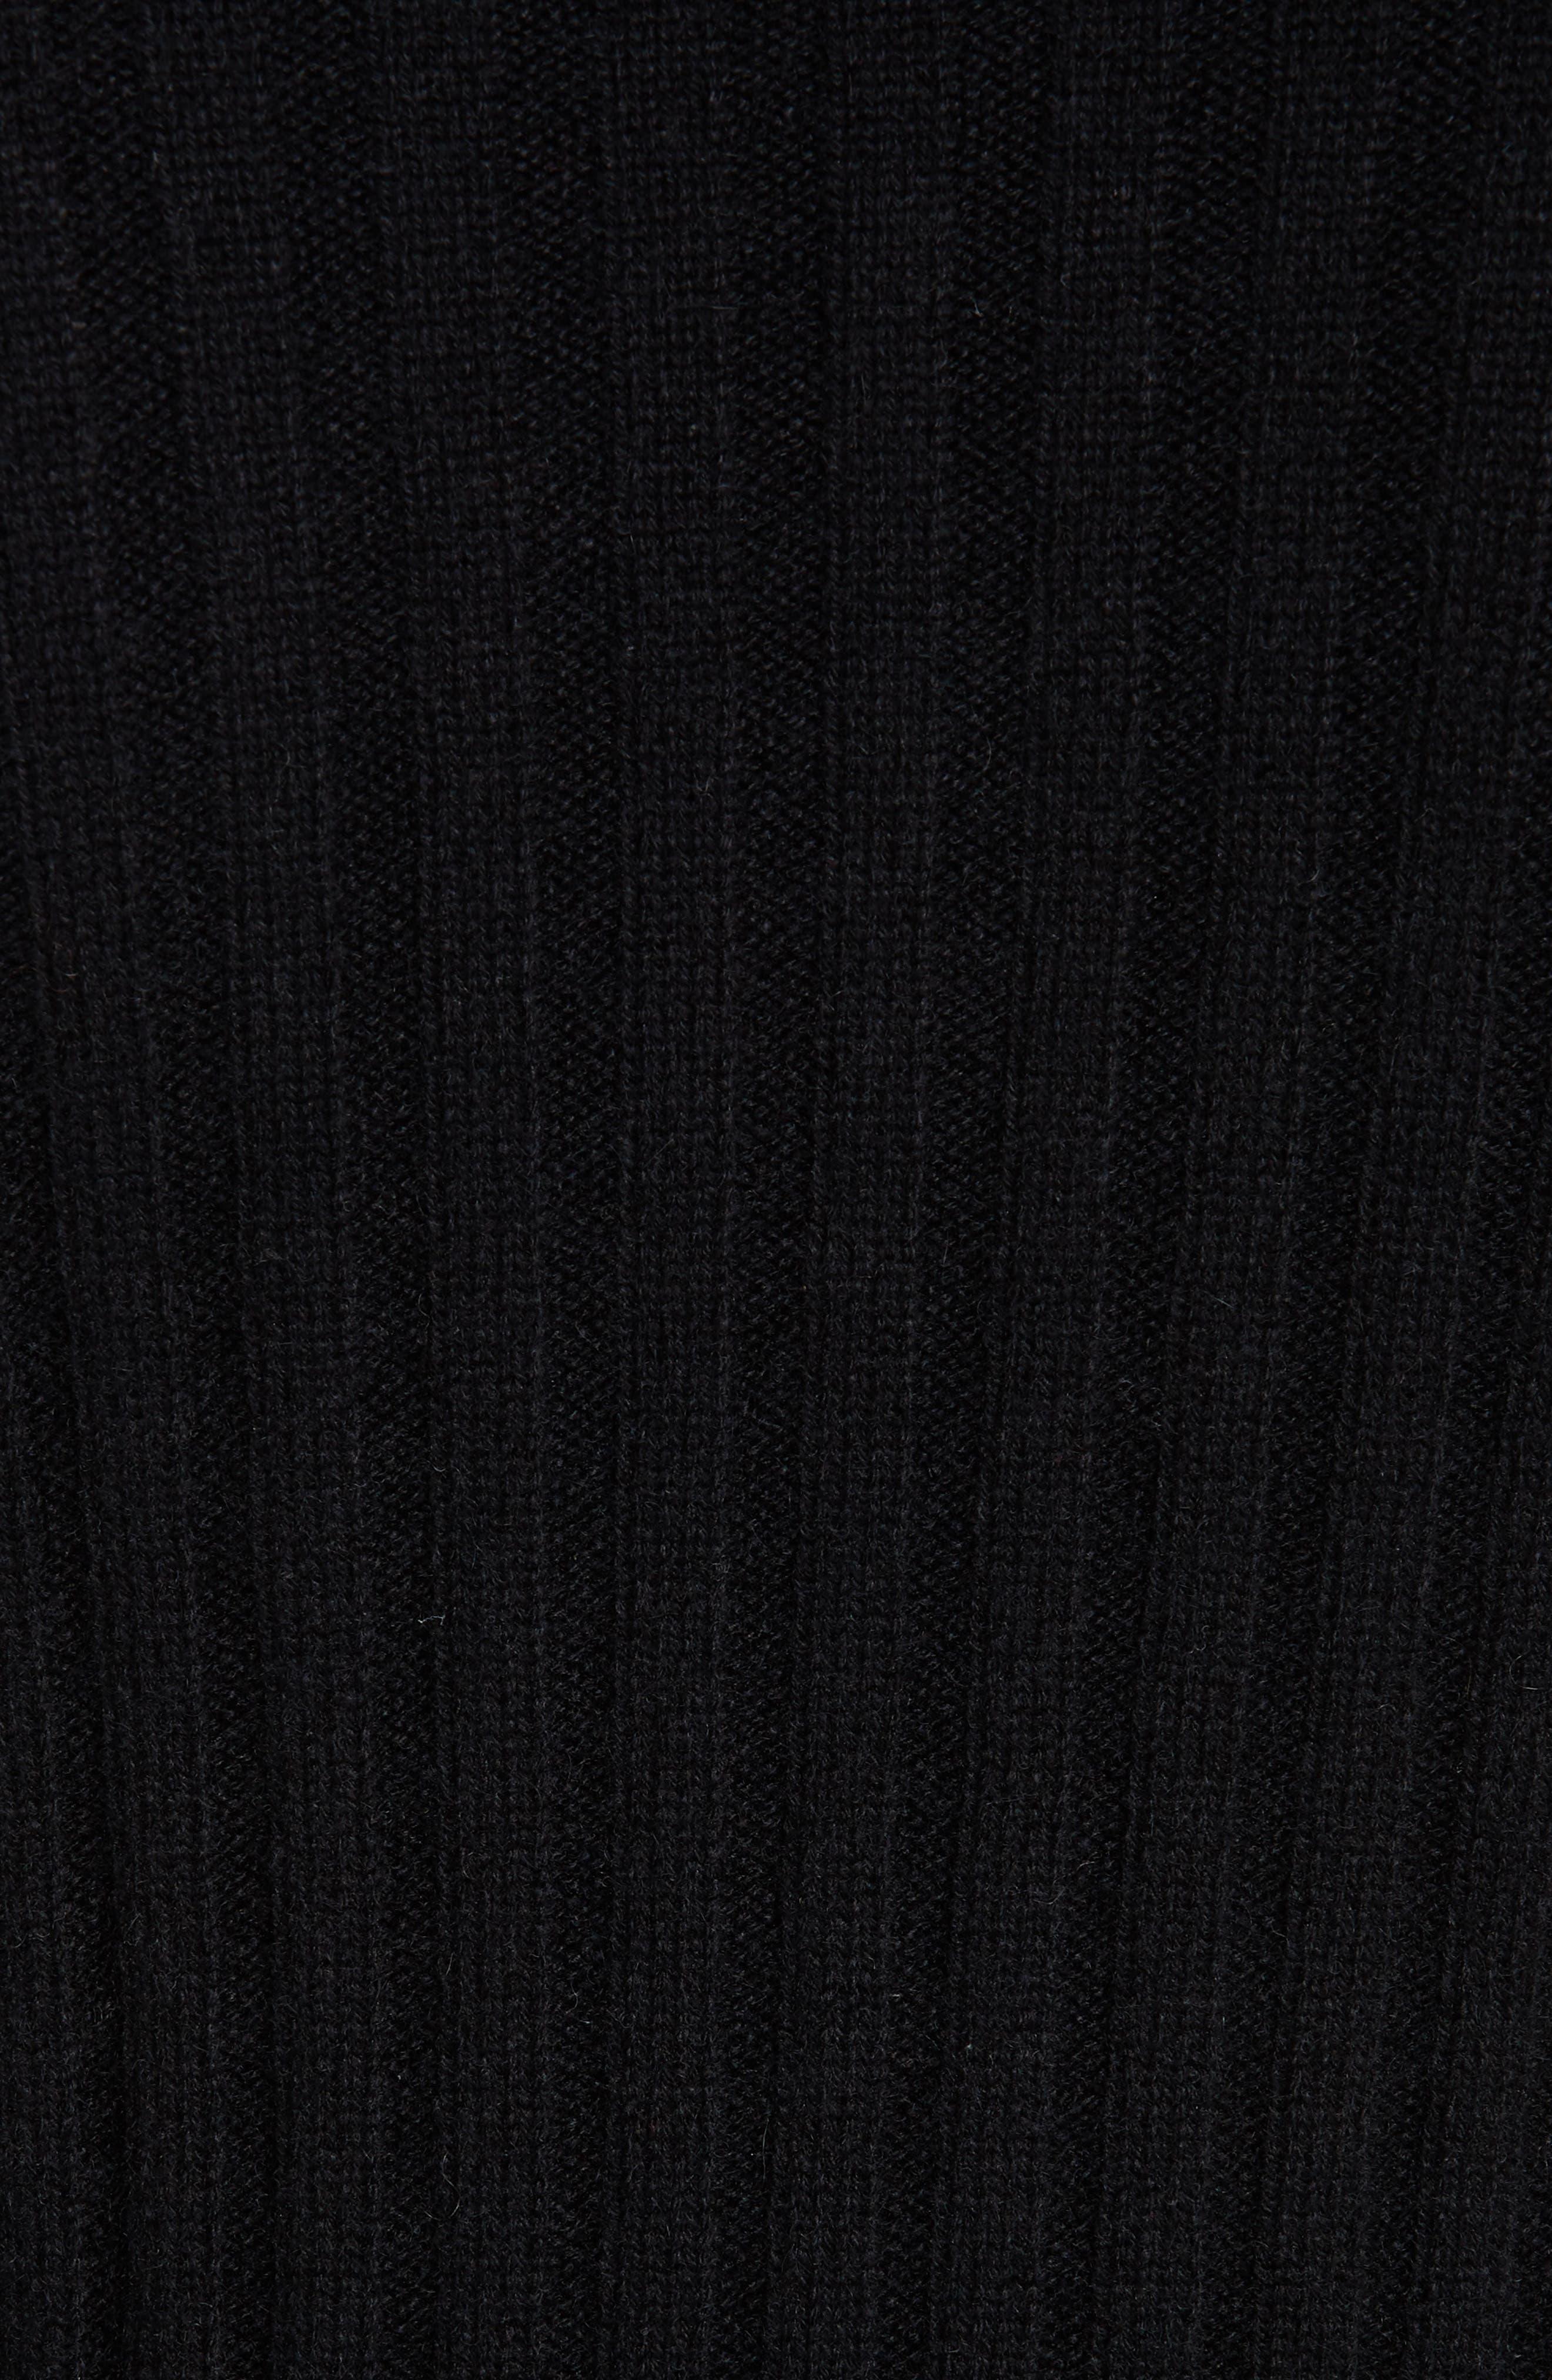 Rib Knit Cashmere Tunic,                             Alternate thumbnail 5, color,                             BLACK